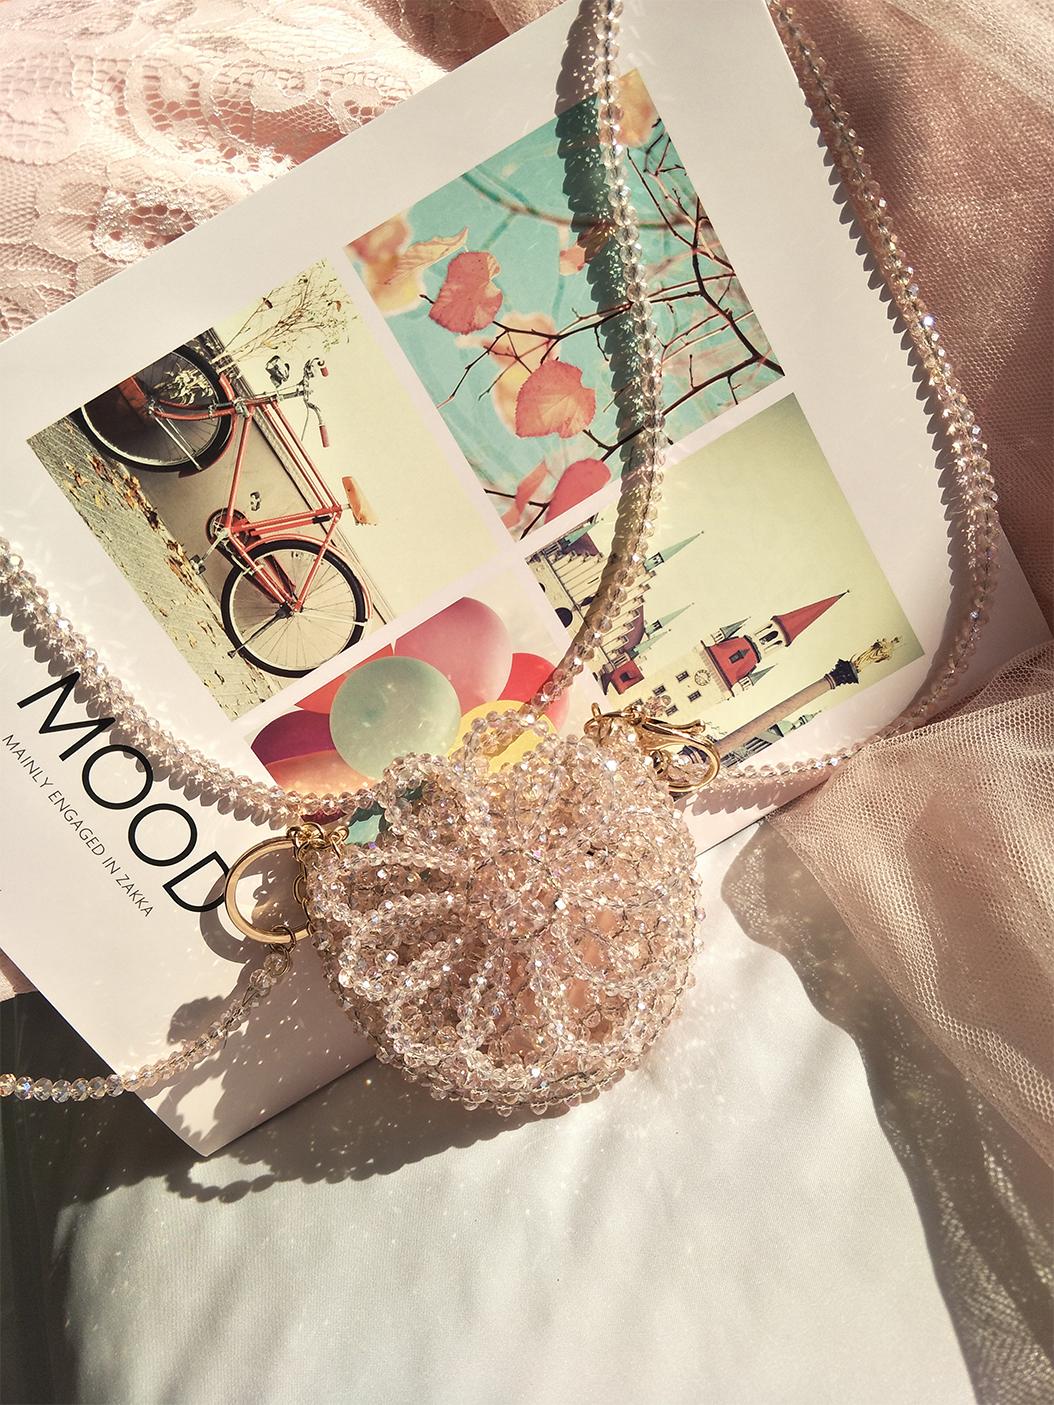 粉红花朵水晶串珠包包 女链条斜挎包 小众原创零钱包 仙女迷你包